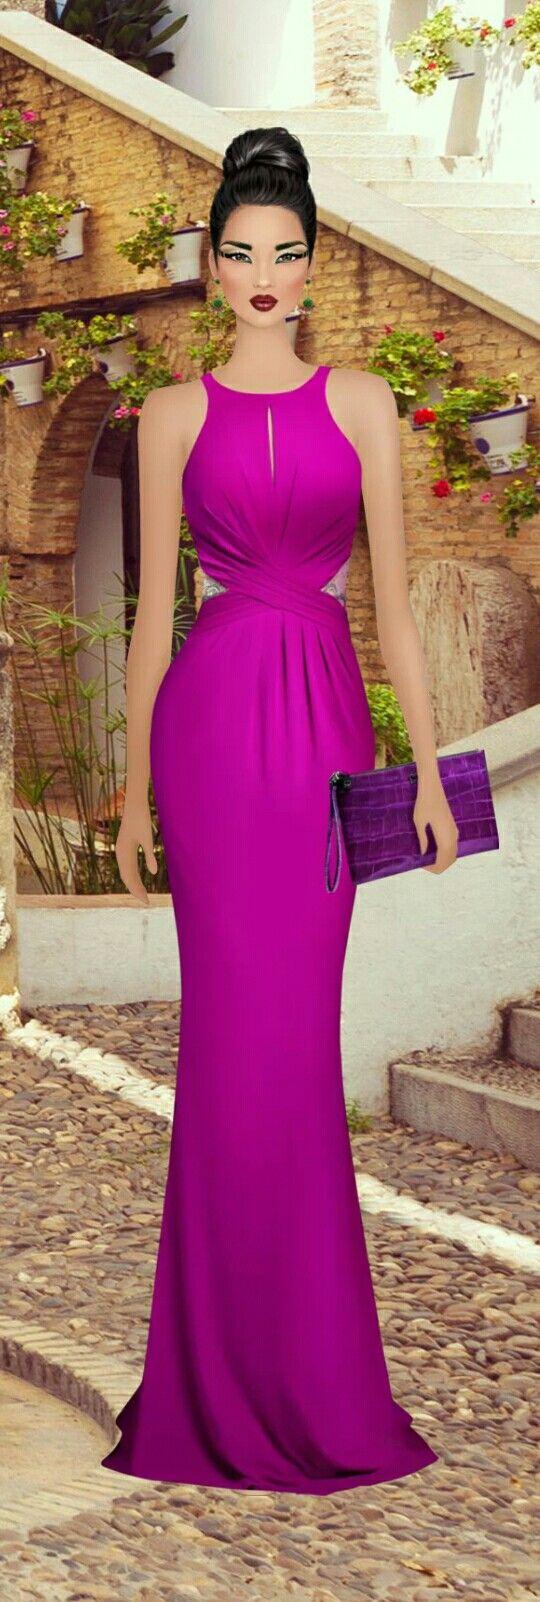 Mejores 78 imágenes de vestidos en Pinterest | Vestidos bonitos ...